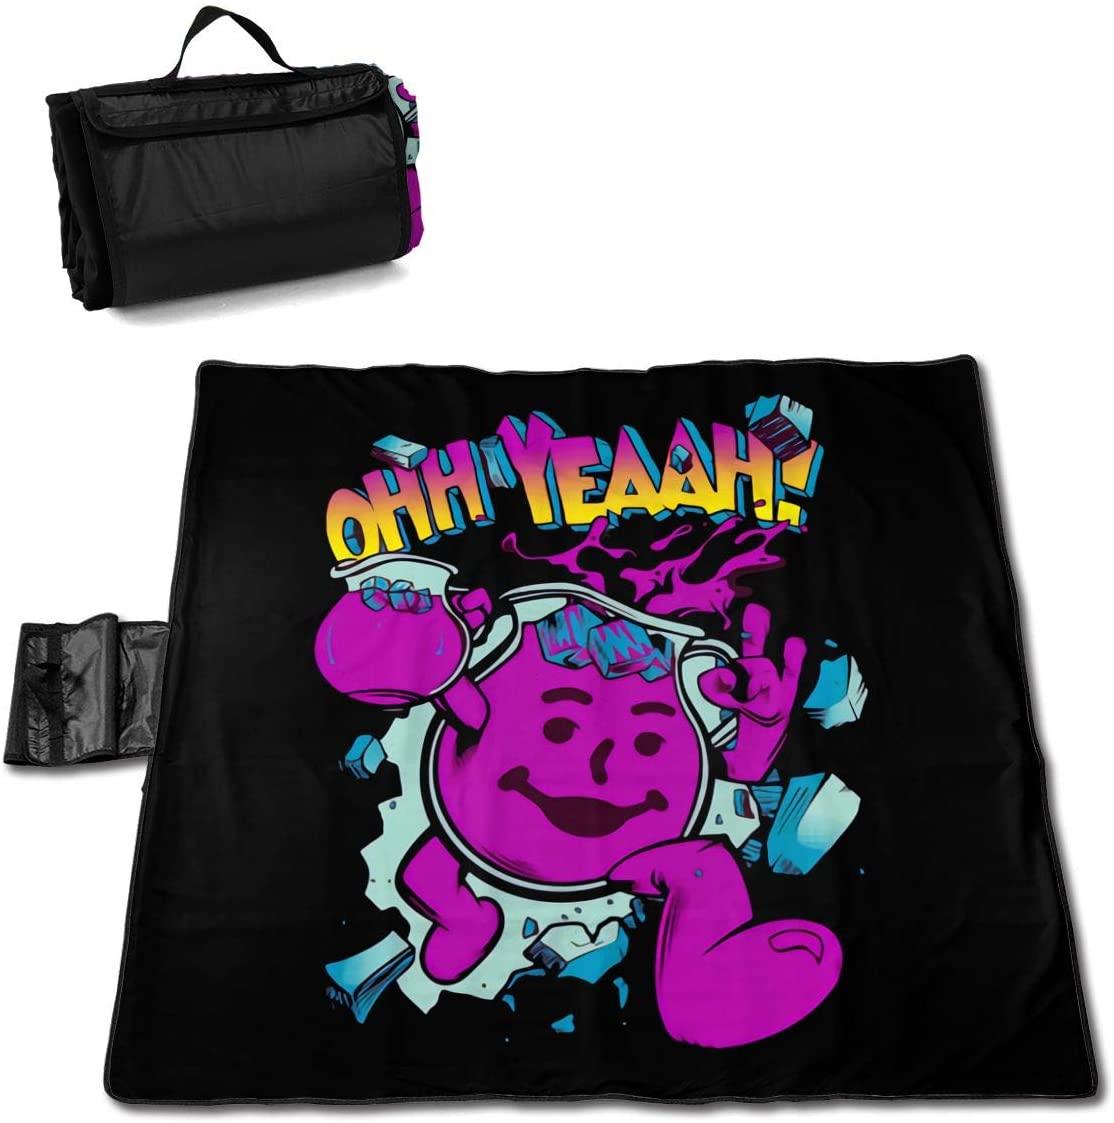 Htu Kool+Aid Portable Printed Picnic Blanket Waterproof 59x57(in)